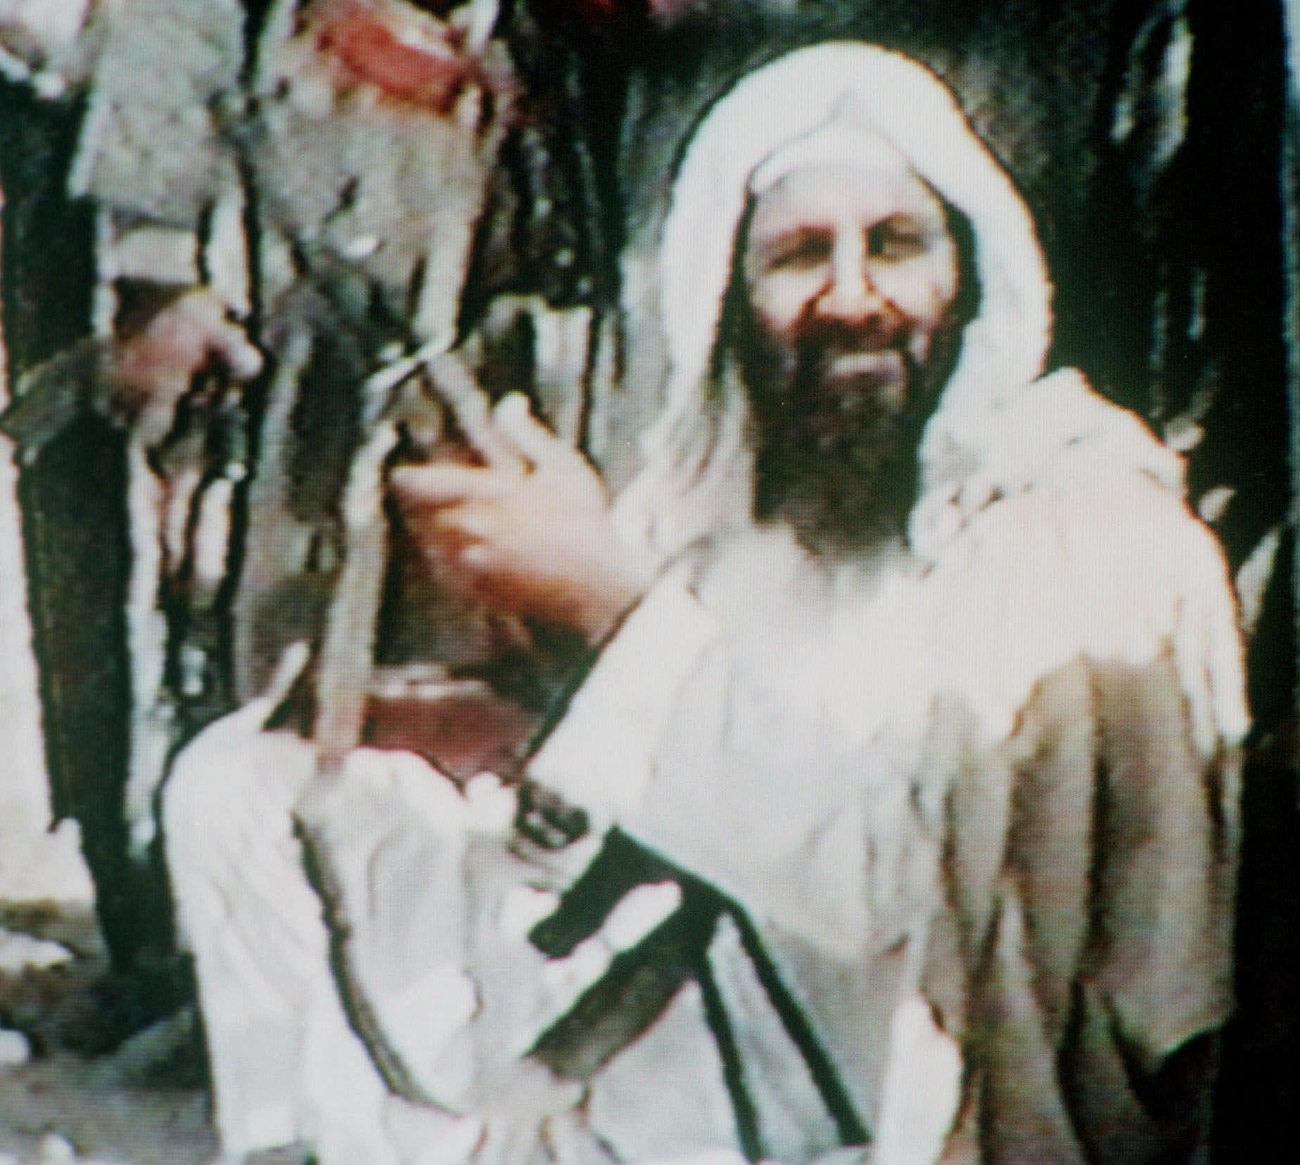 Μια από τις τελευταίες εικόνες του Οσάμα Μπιν Λάντεν πριν την επιχείριση των Αμερικανών στην οποία και έπεσε νεκρός